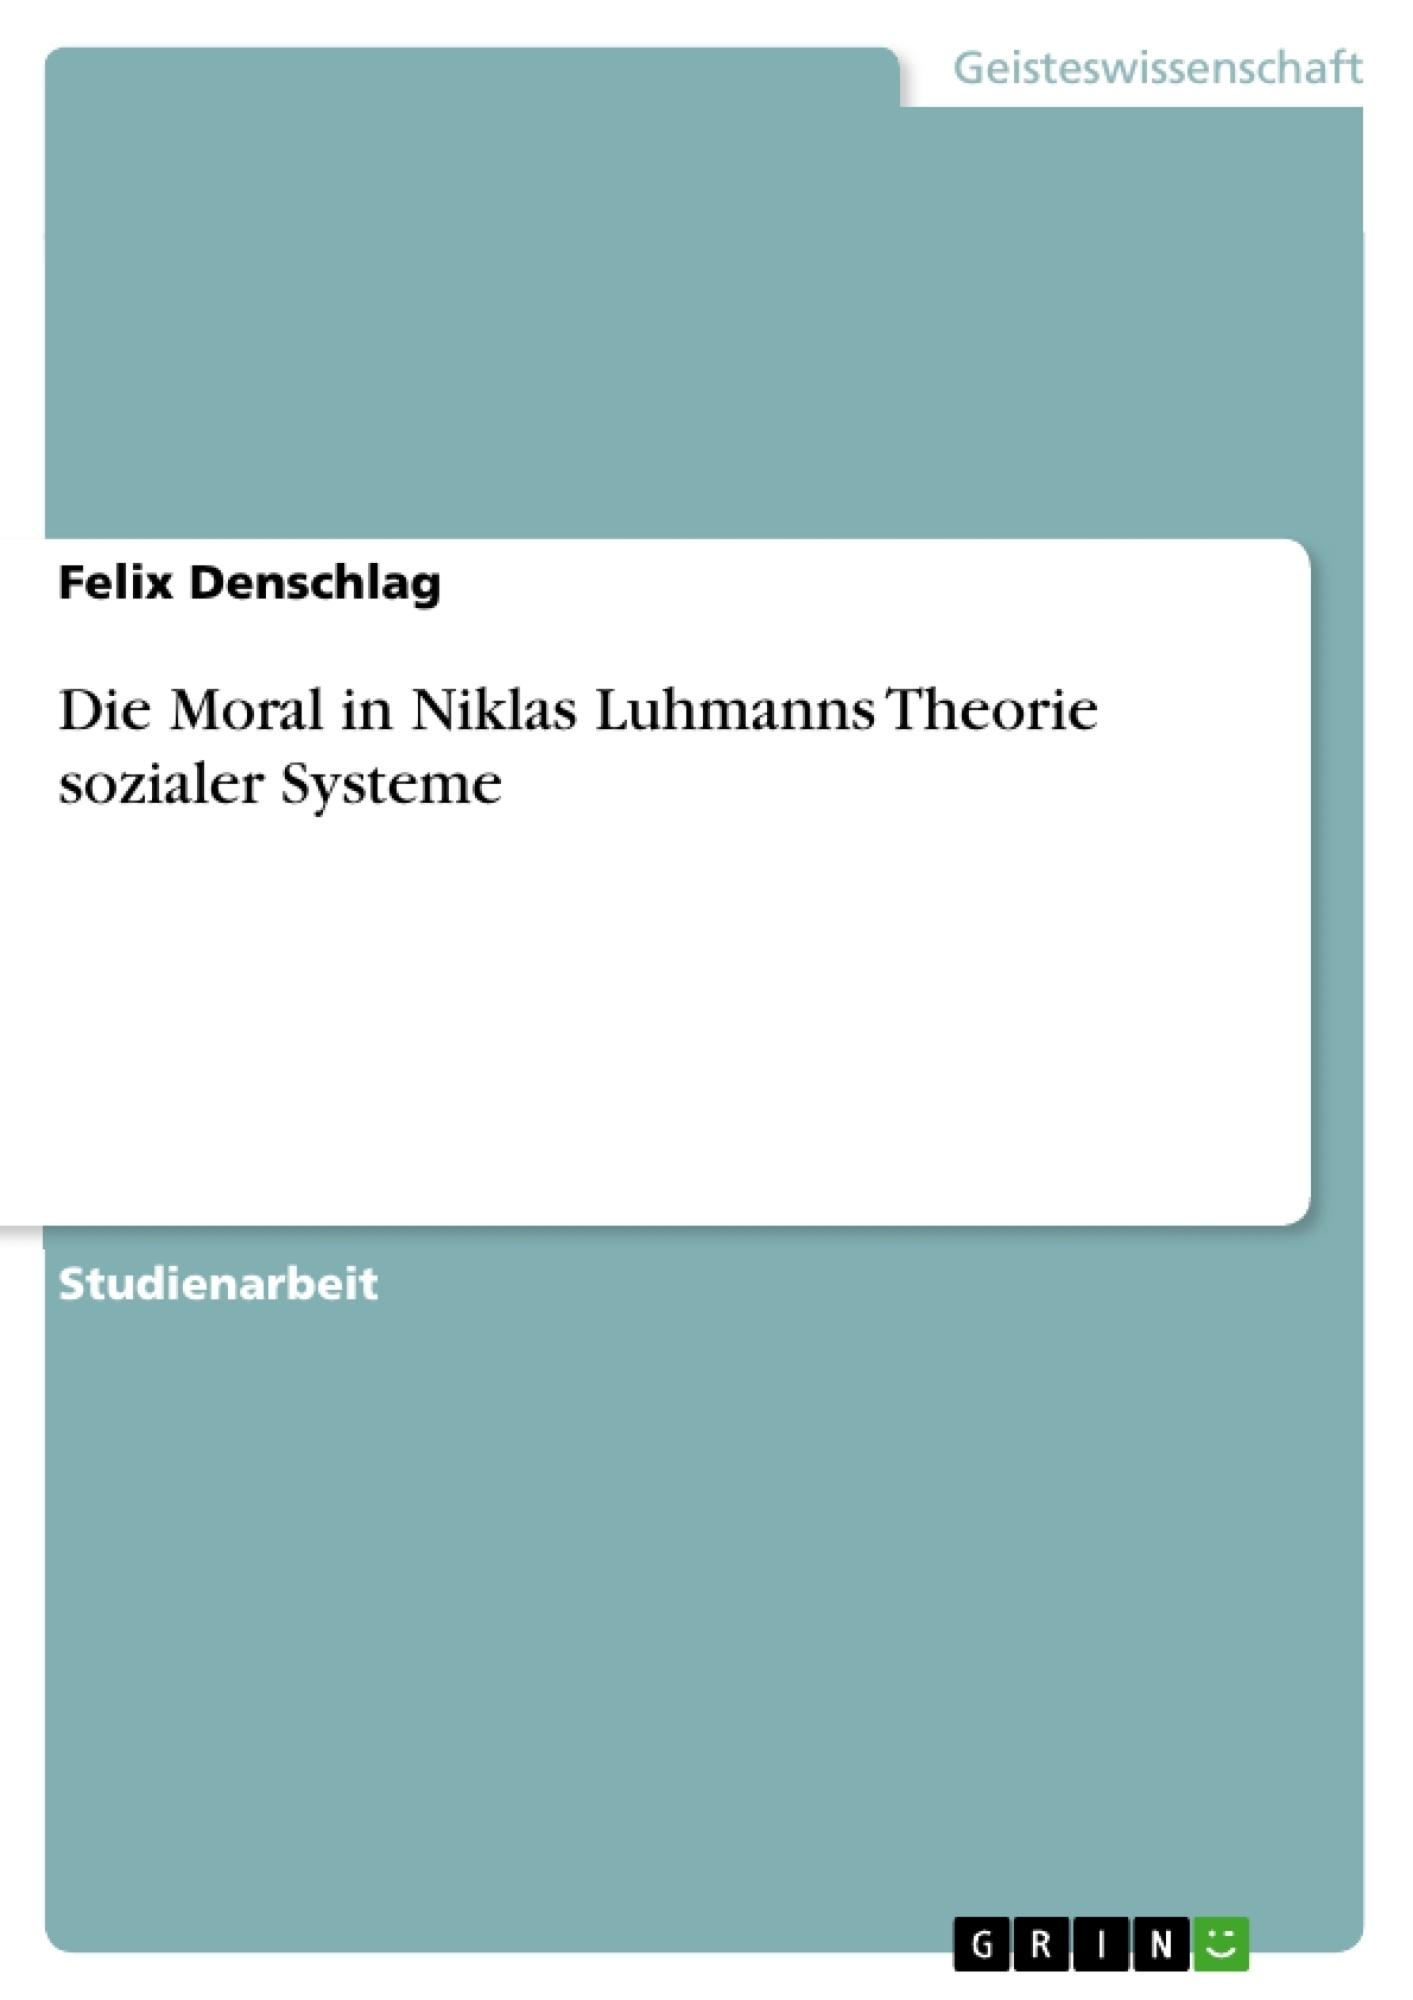 Titel: Die Moral in Niklas Luhmanns Theorie sozialer Systeme